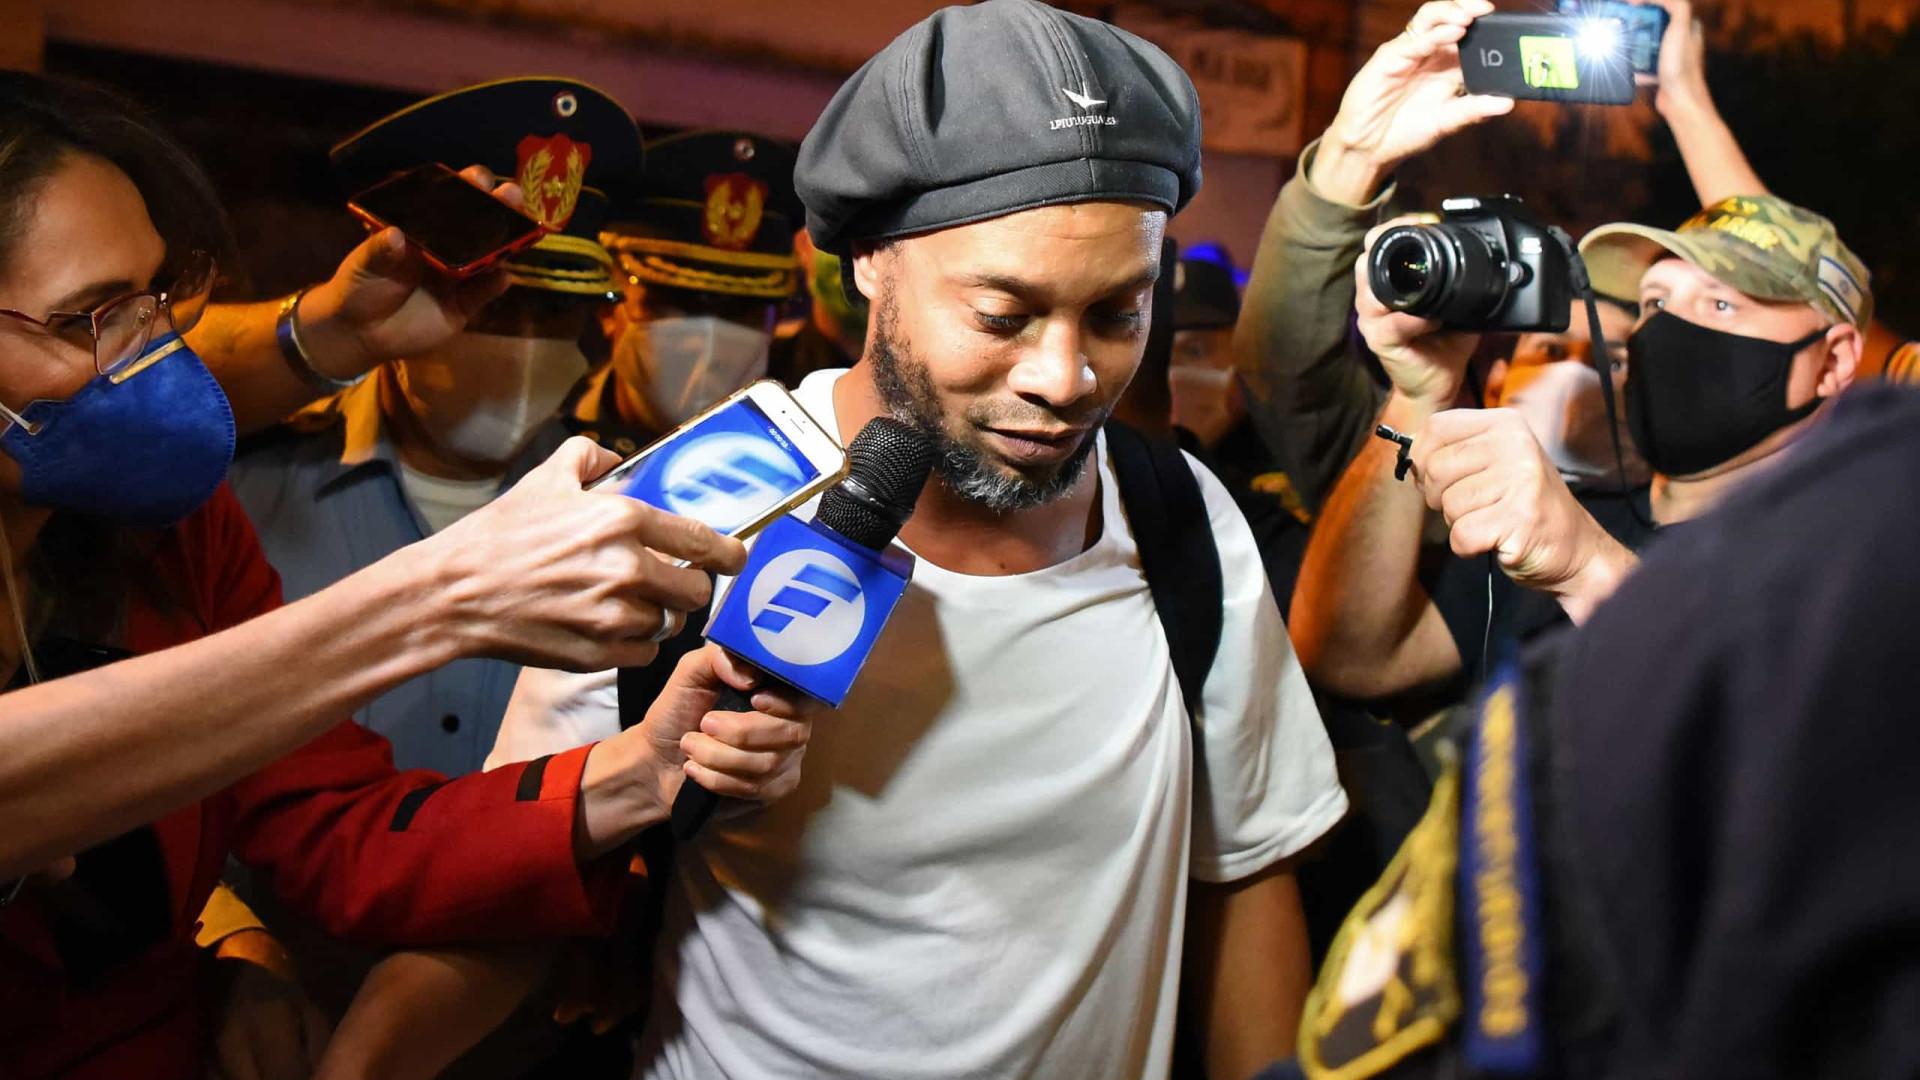 Amigo diz que Ronaldinho está depressivo após morte da mãe: 'bebe muito'